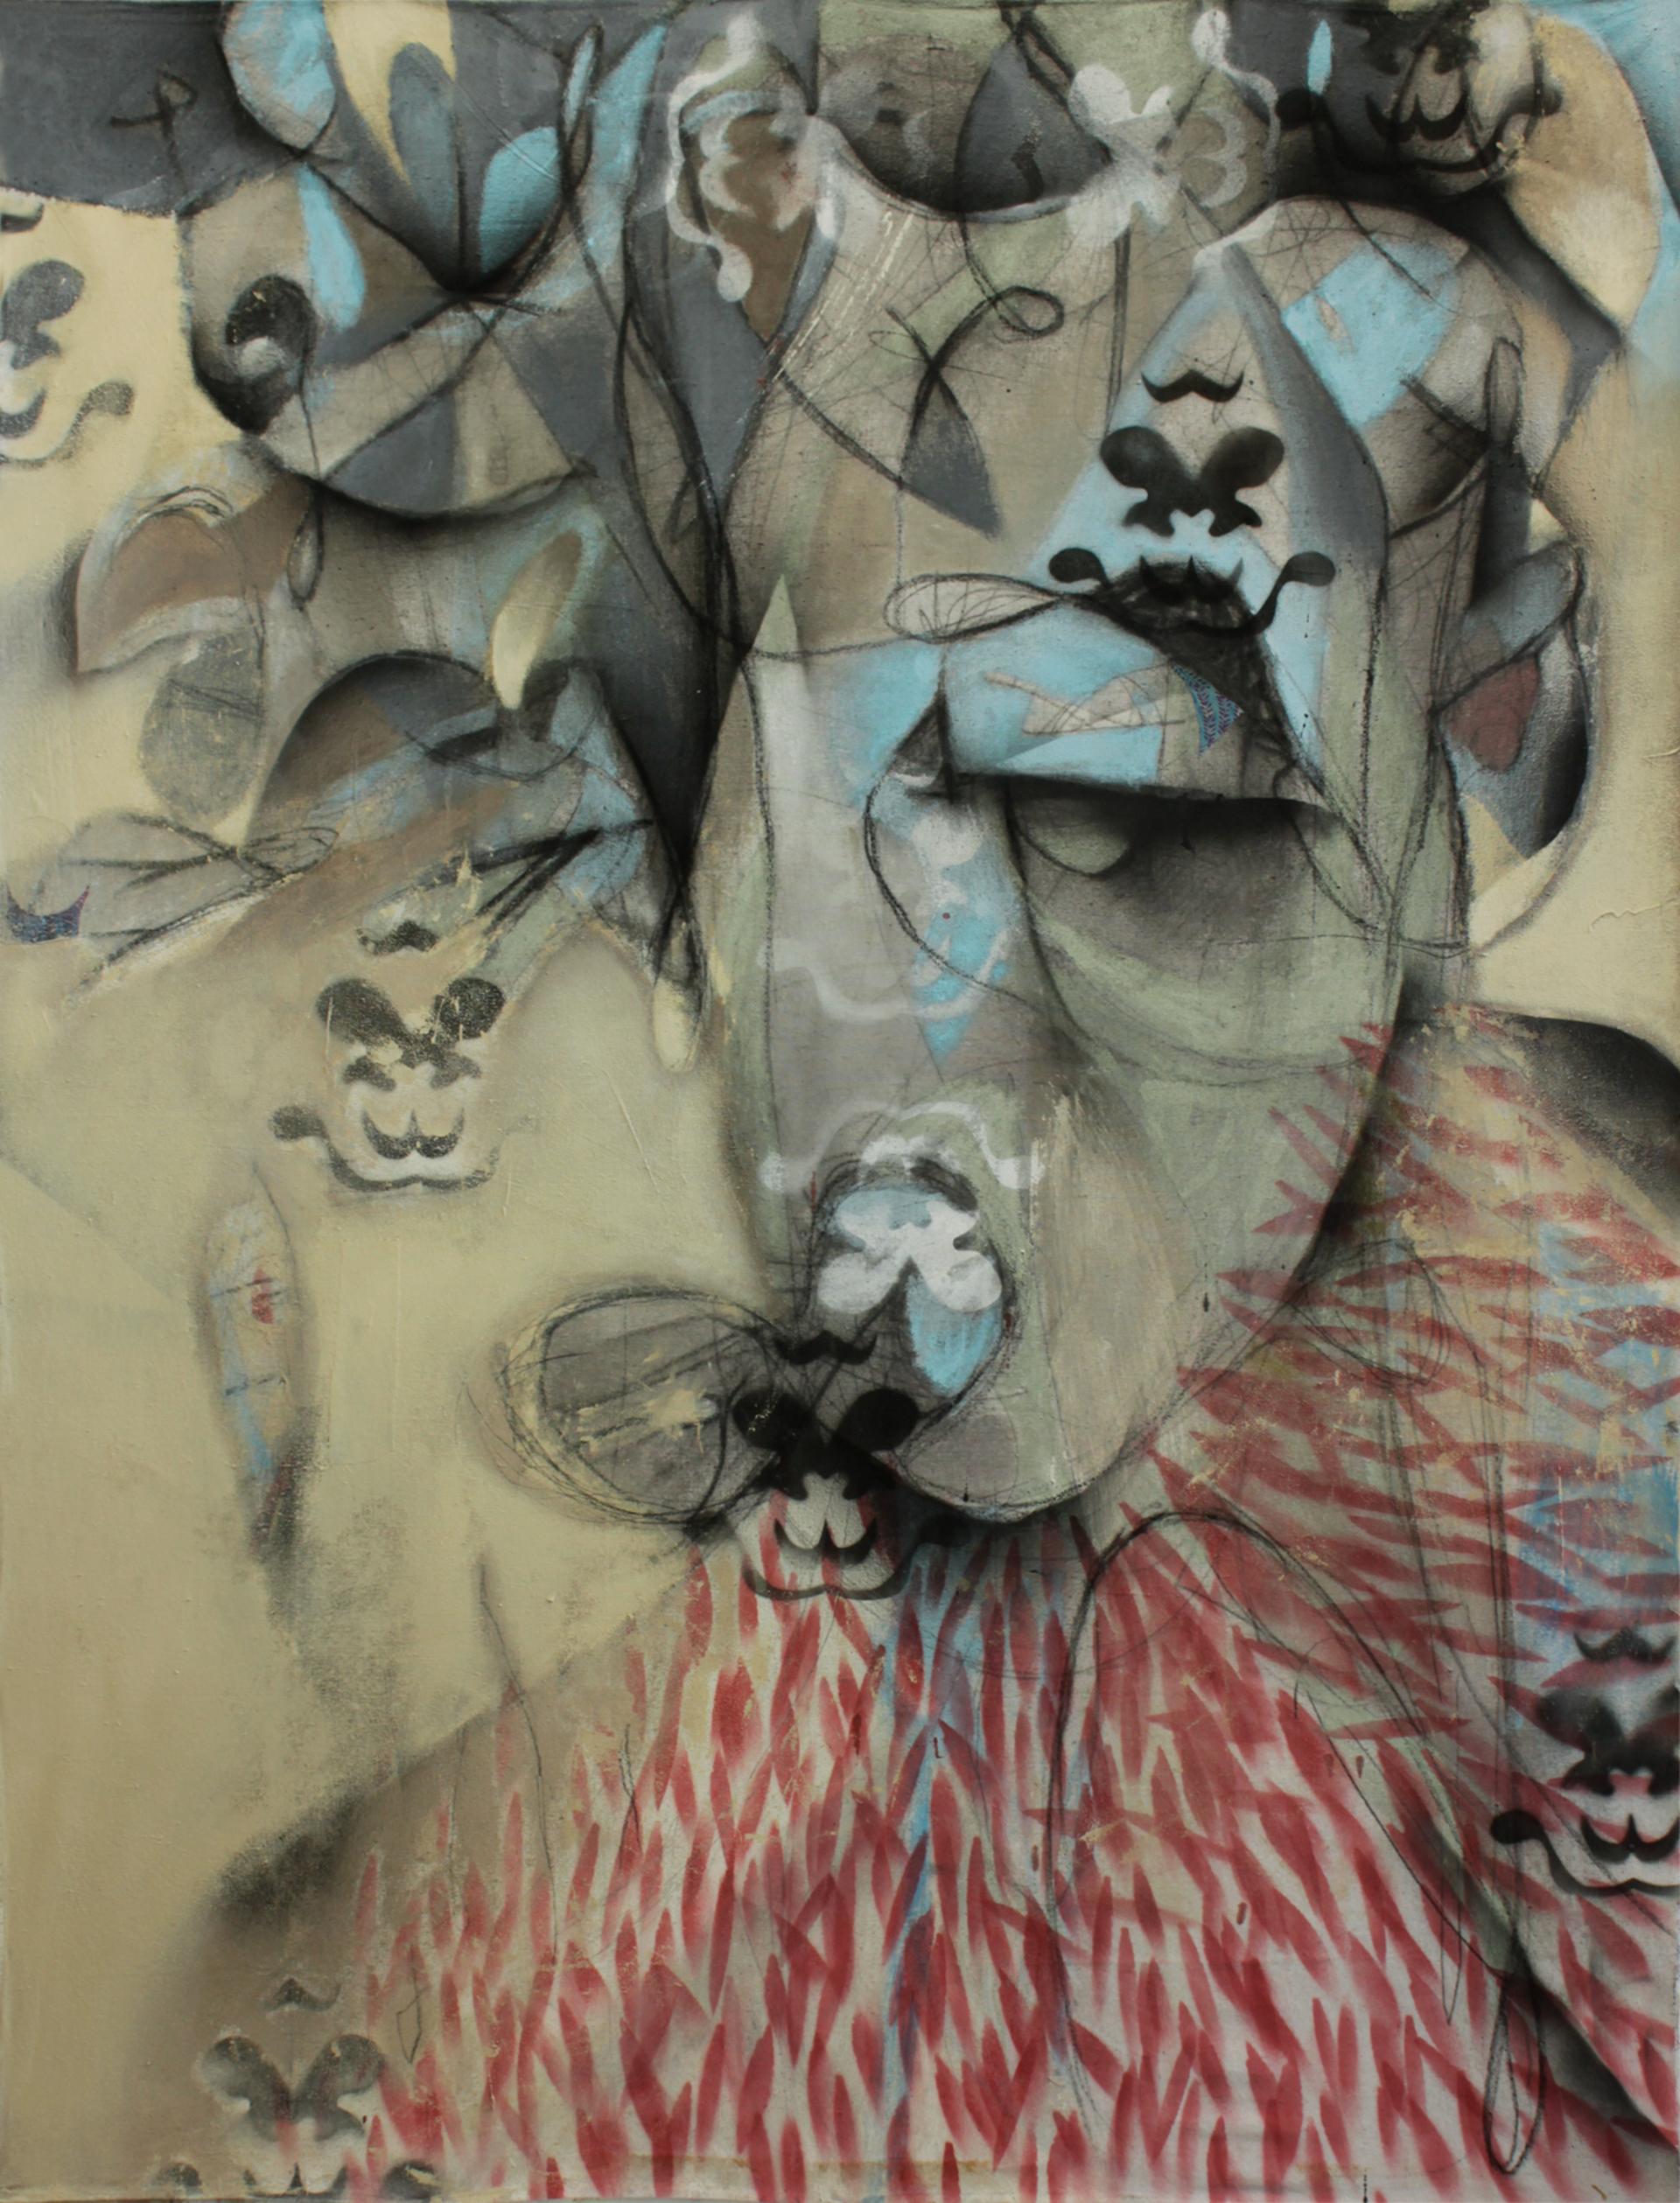 Butterfly Effect by Michael Gadlin